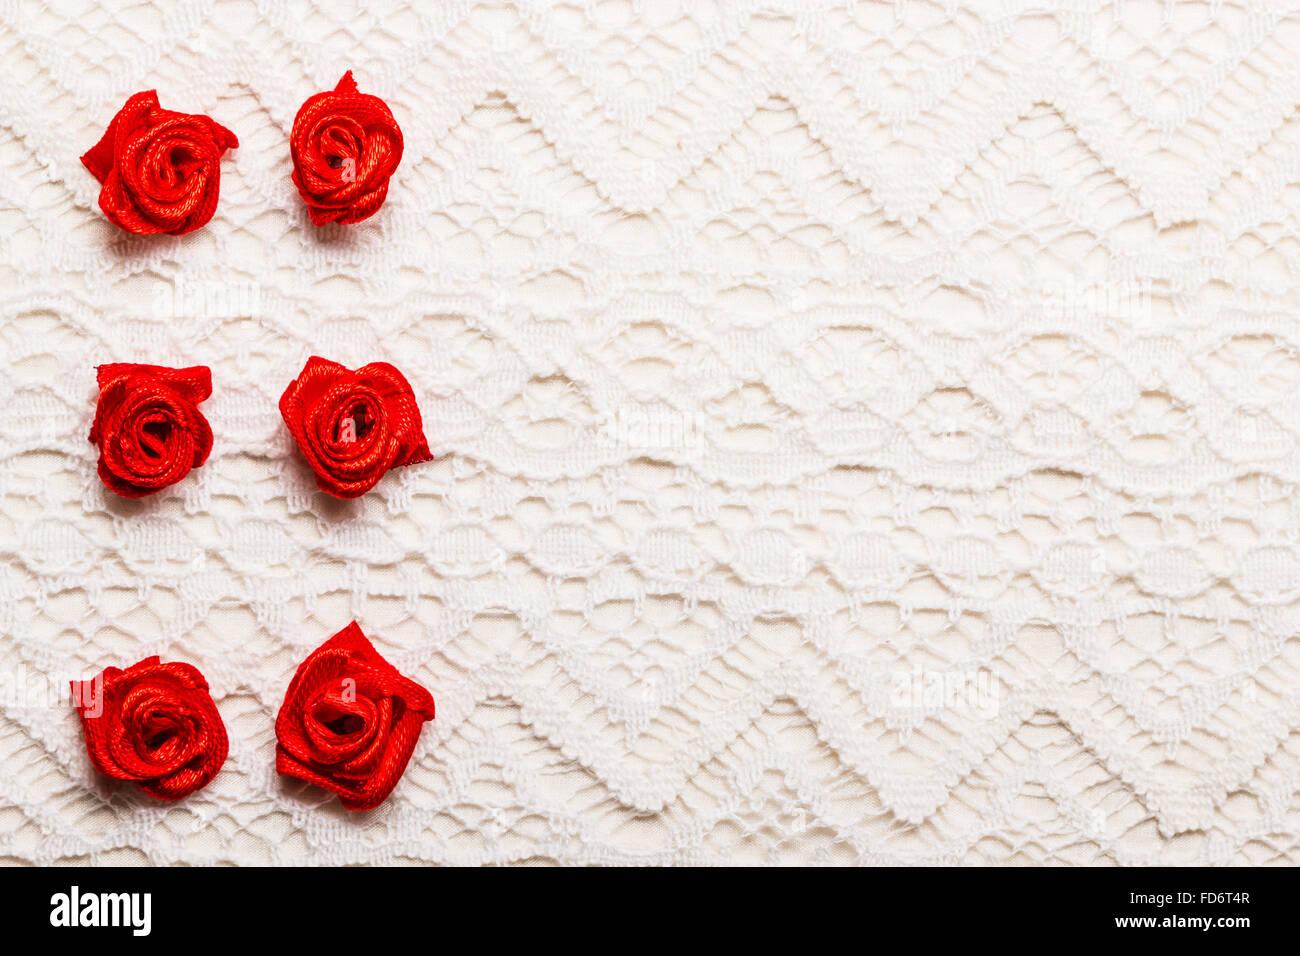 rose wedding invitation background - photo #21